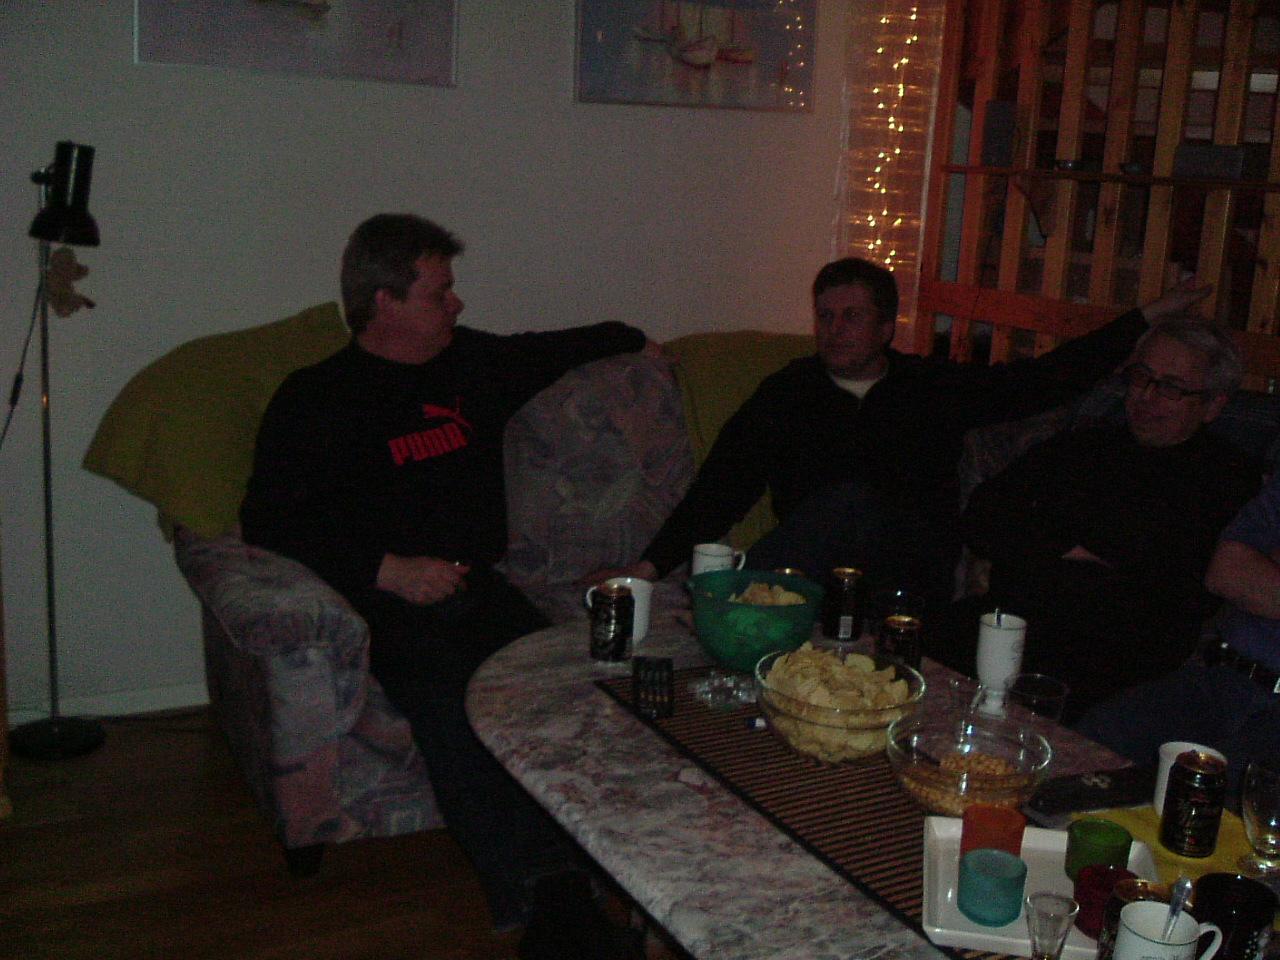 kvarnstensbockarna.se/image/bilder/2003/Träff hos Uffe 2003-03-18/Bild 01. Mats, Totte C och Totte E tar det lugnt.jpg